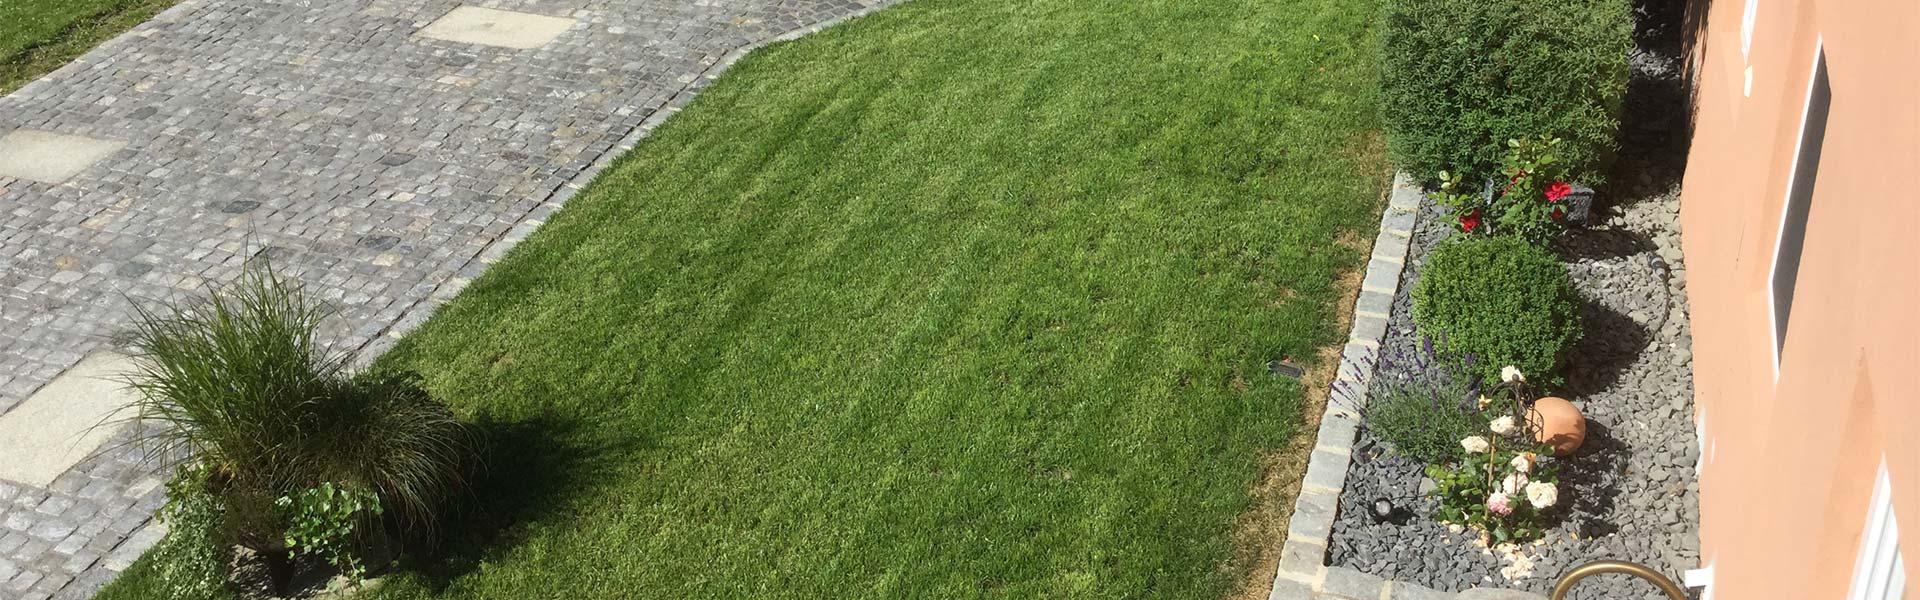 Gemähter Rasen